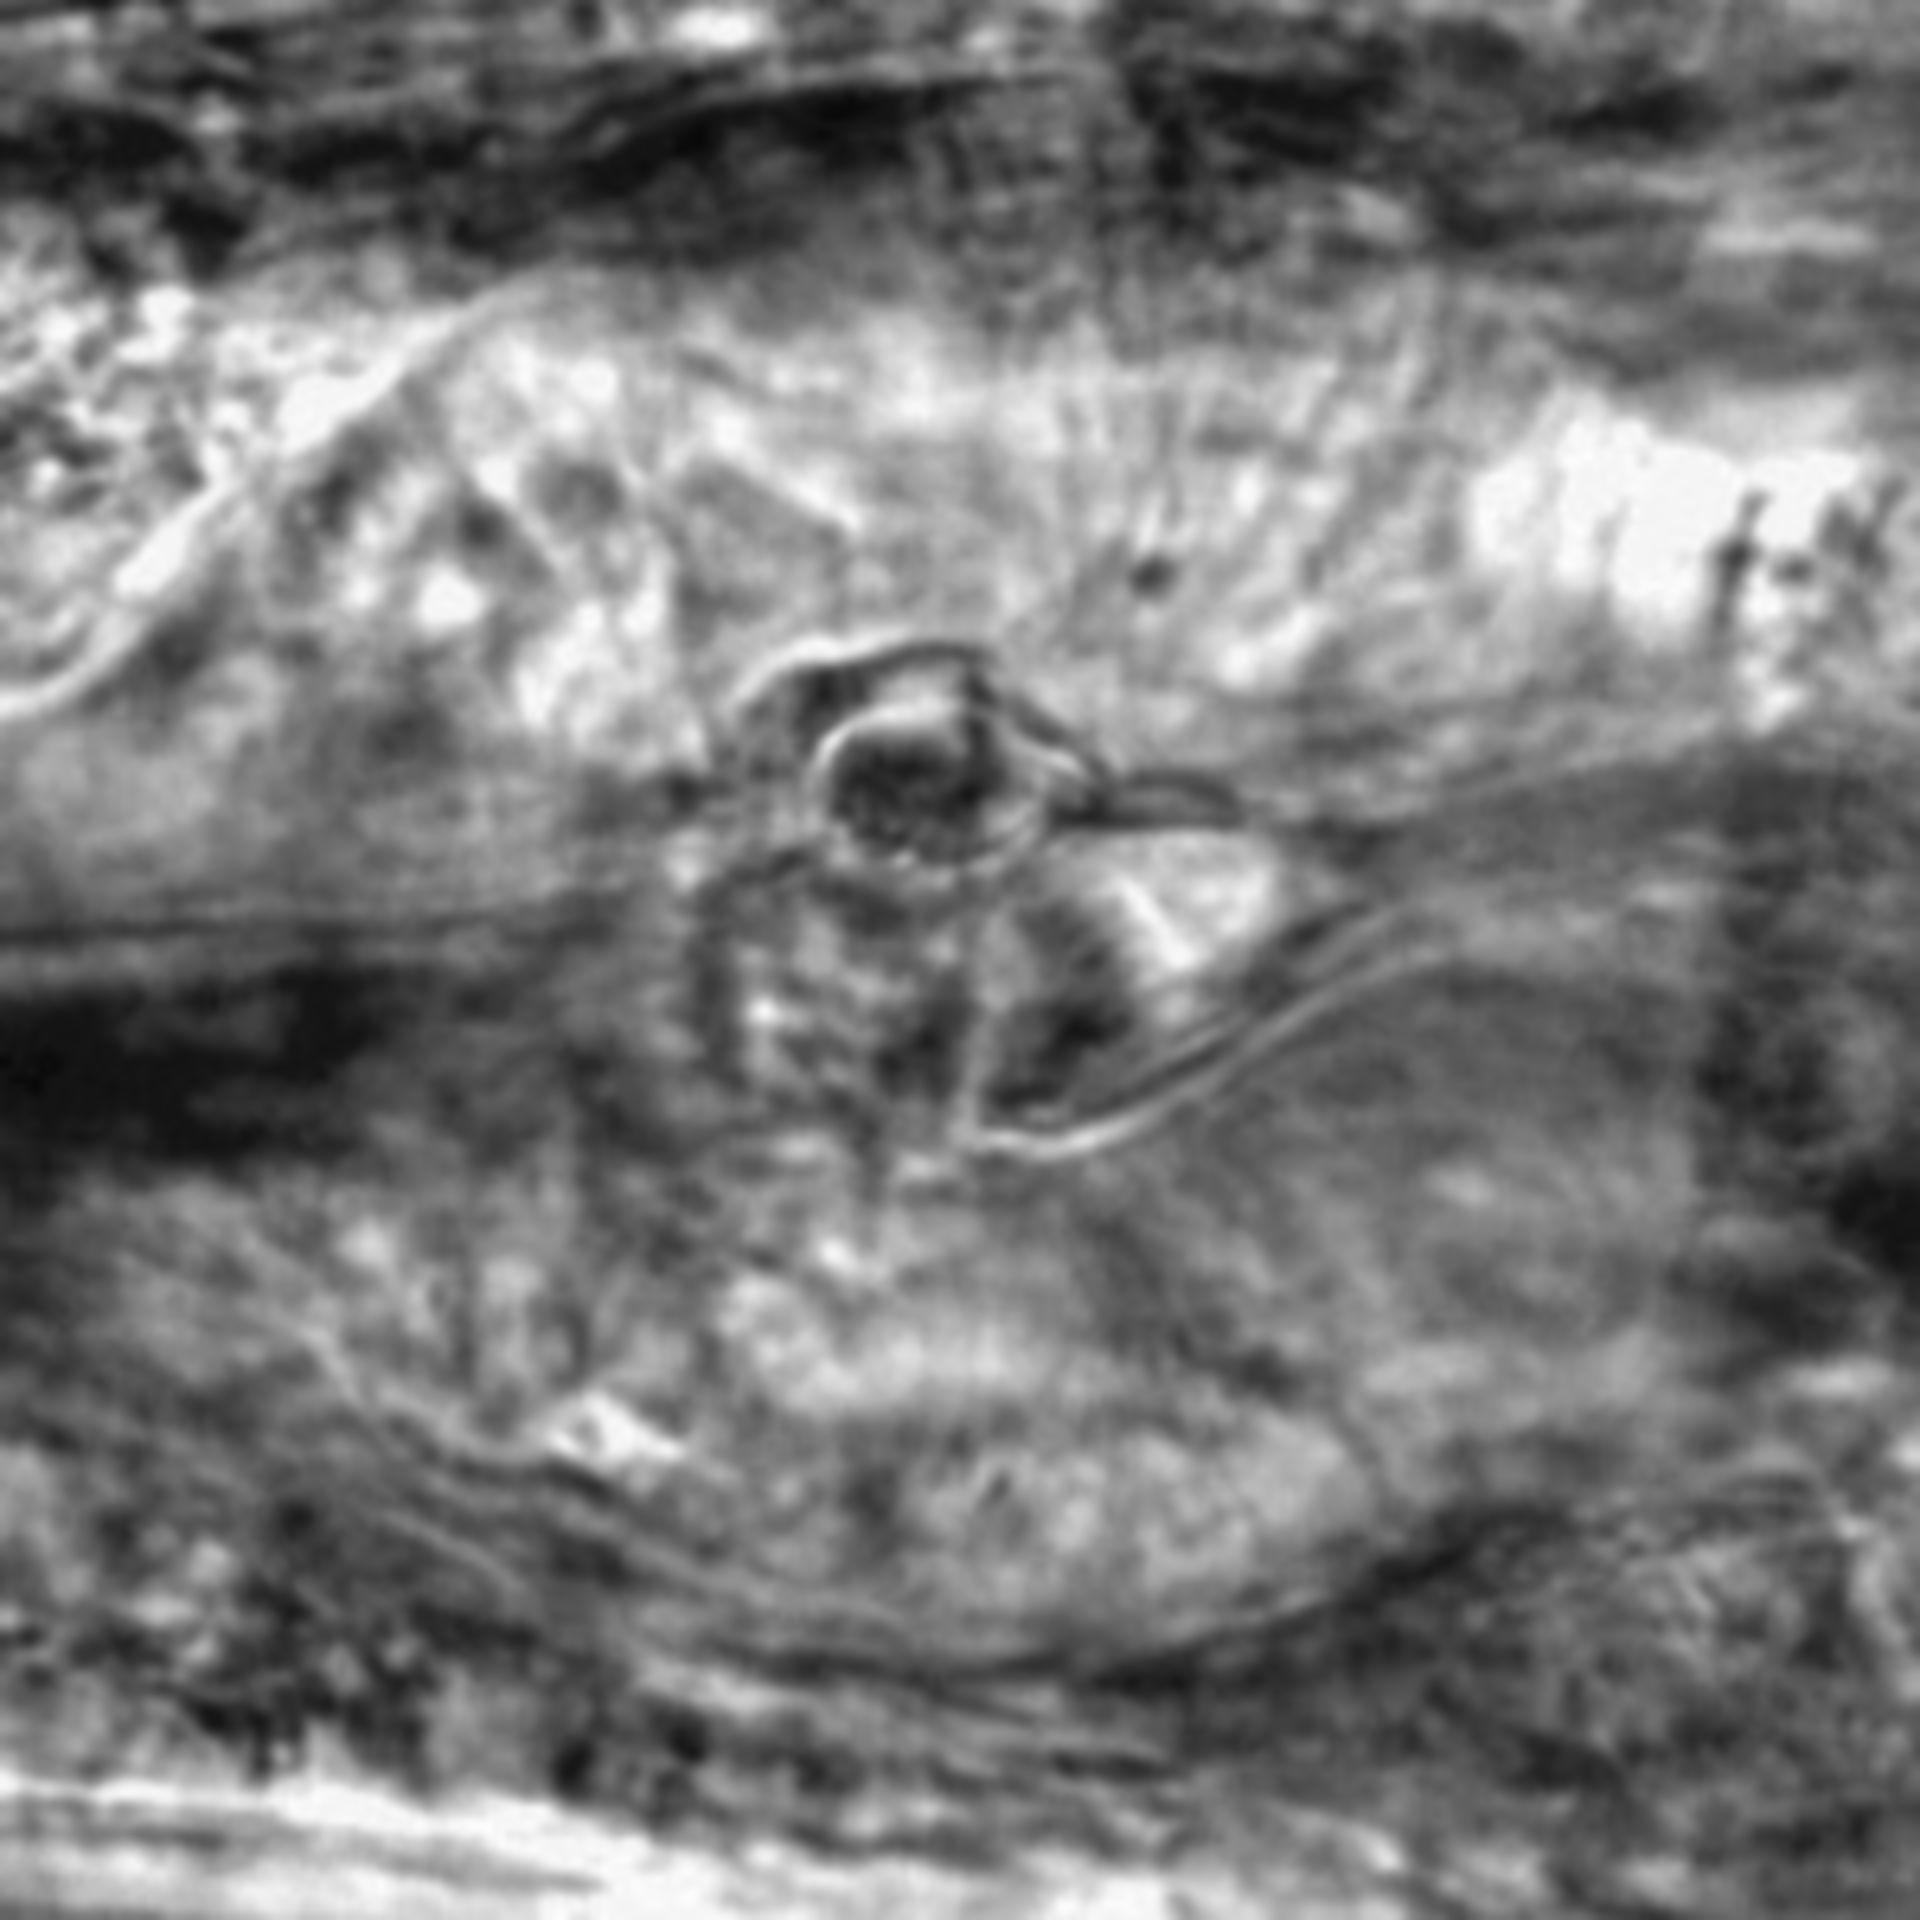 Caenorhabditis elegans - CIL:2811